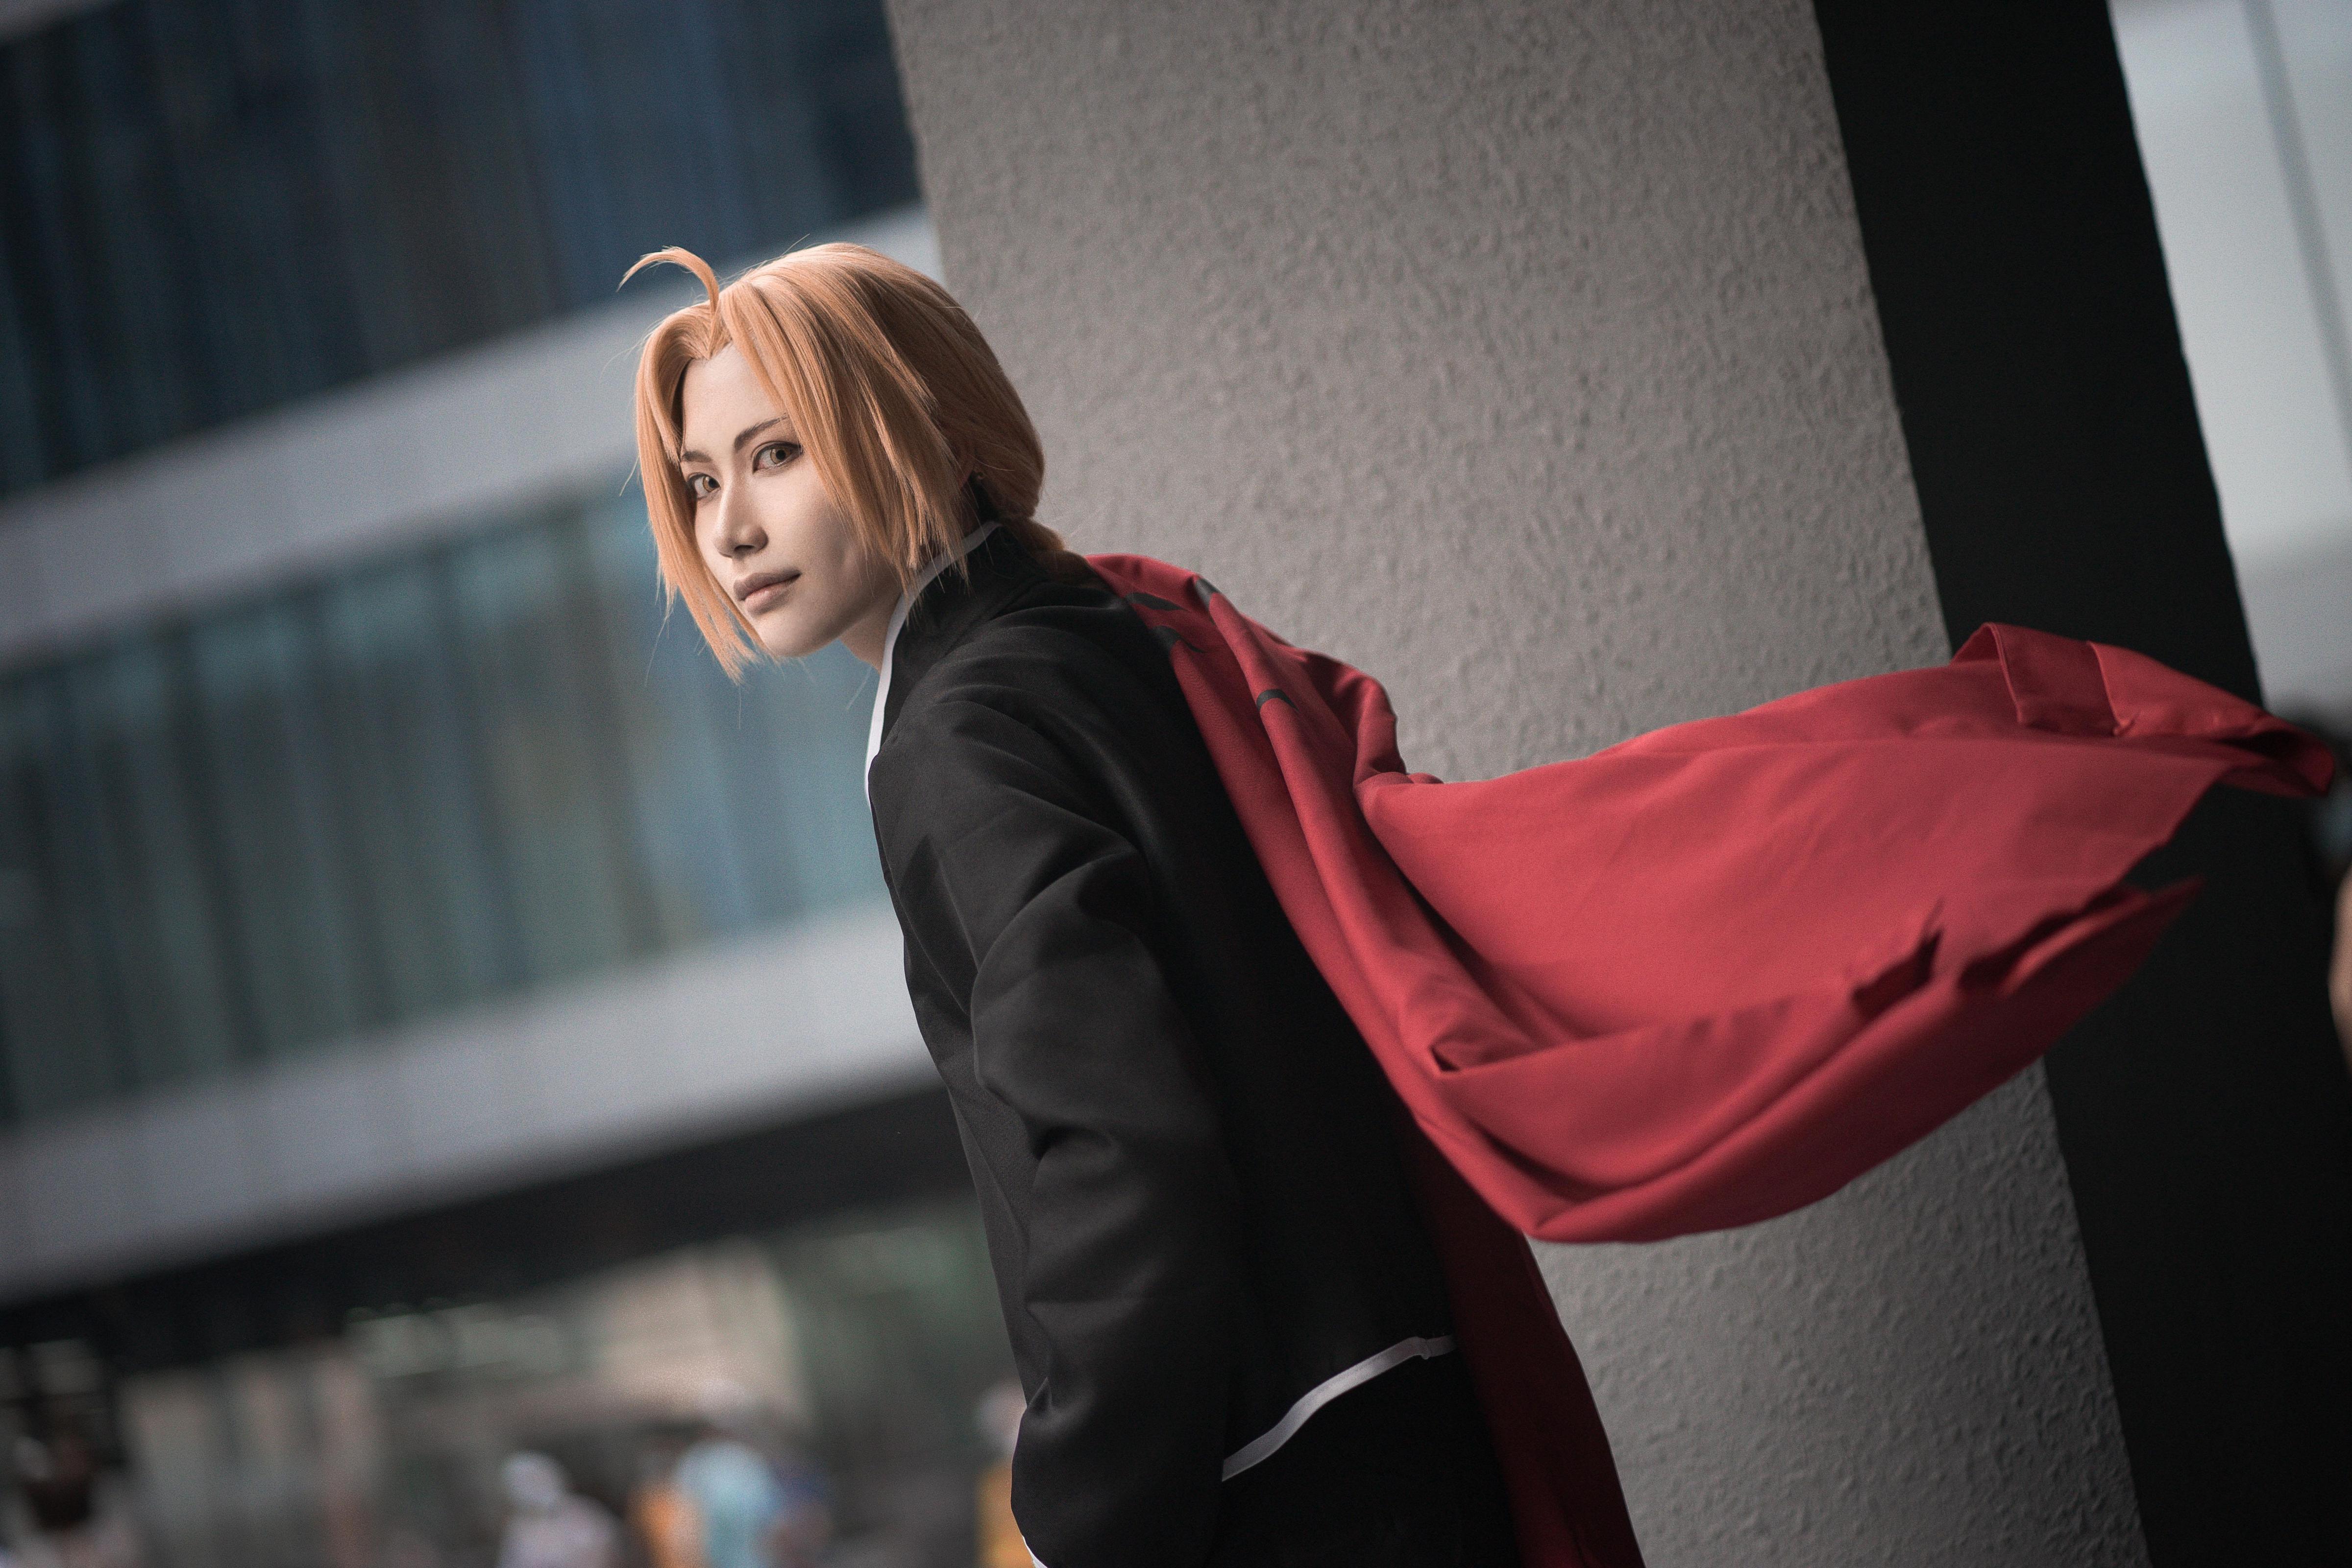 《钢之炼金术师》钢之炼金术师爱德华cosplay【CN:连仔】-第7张